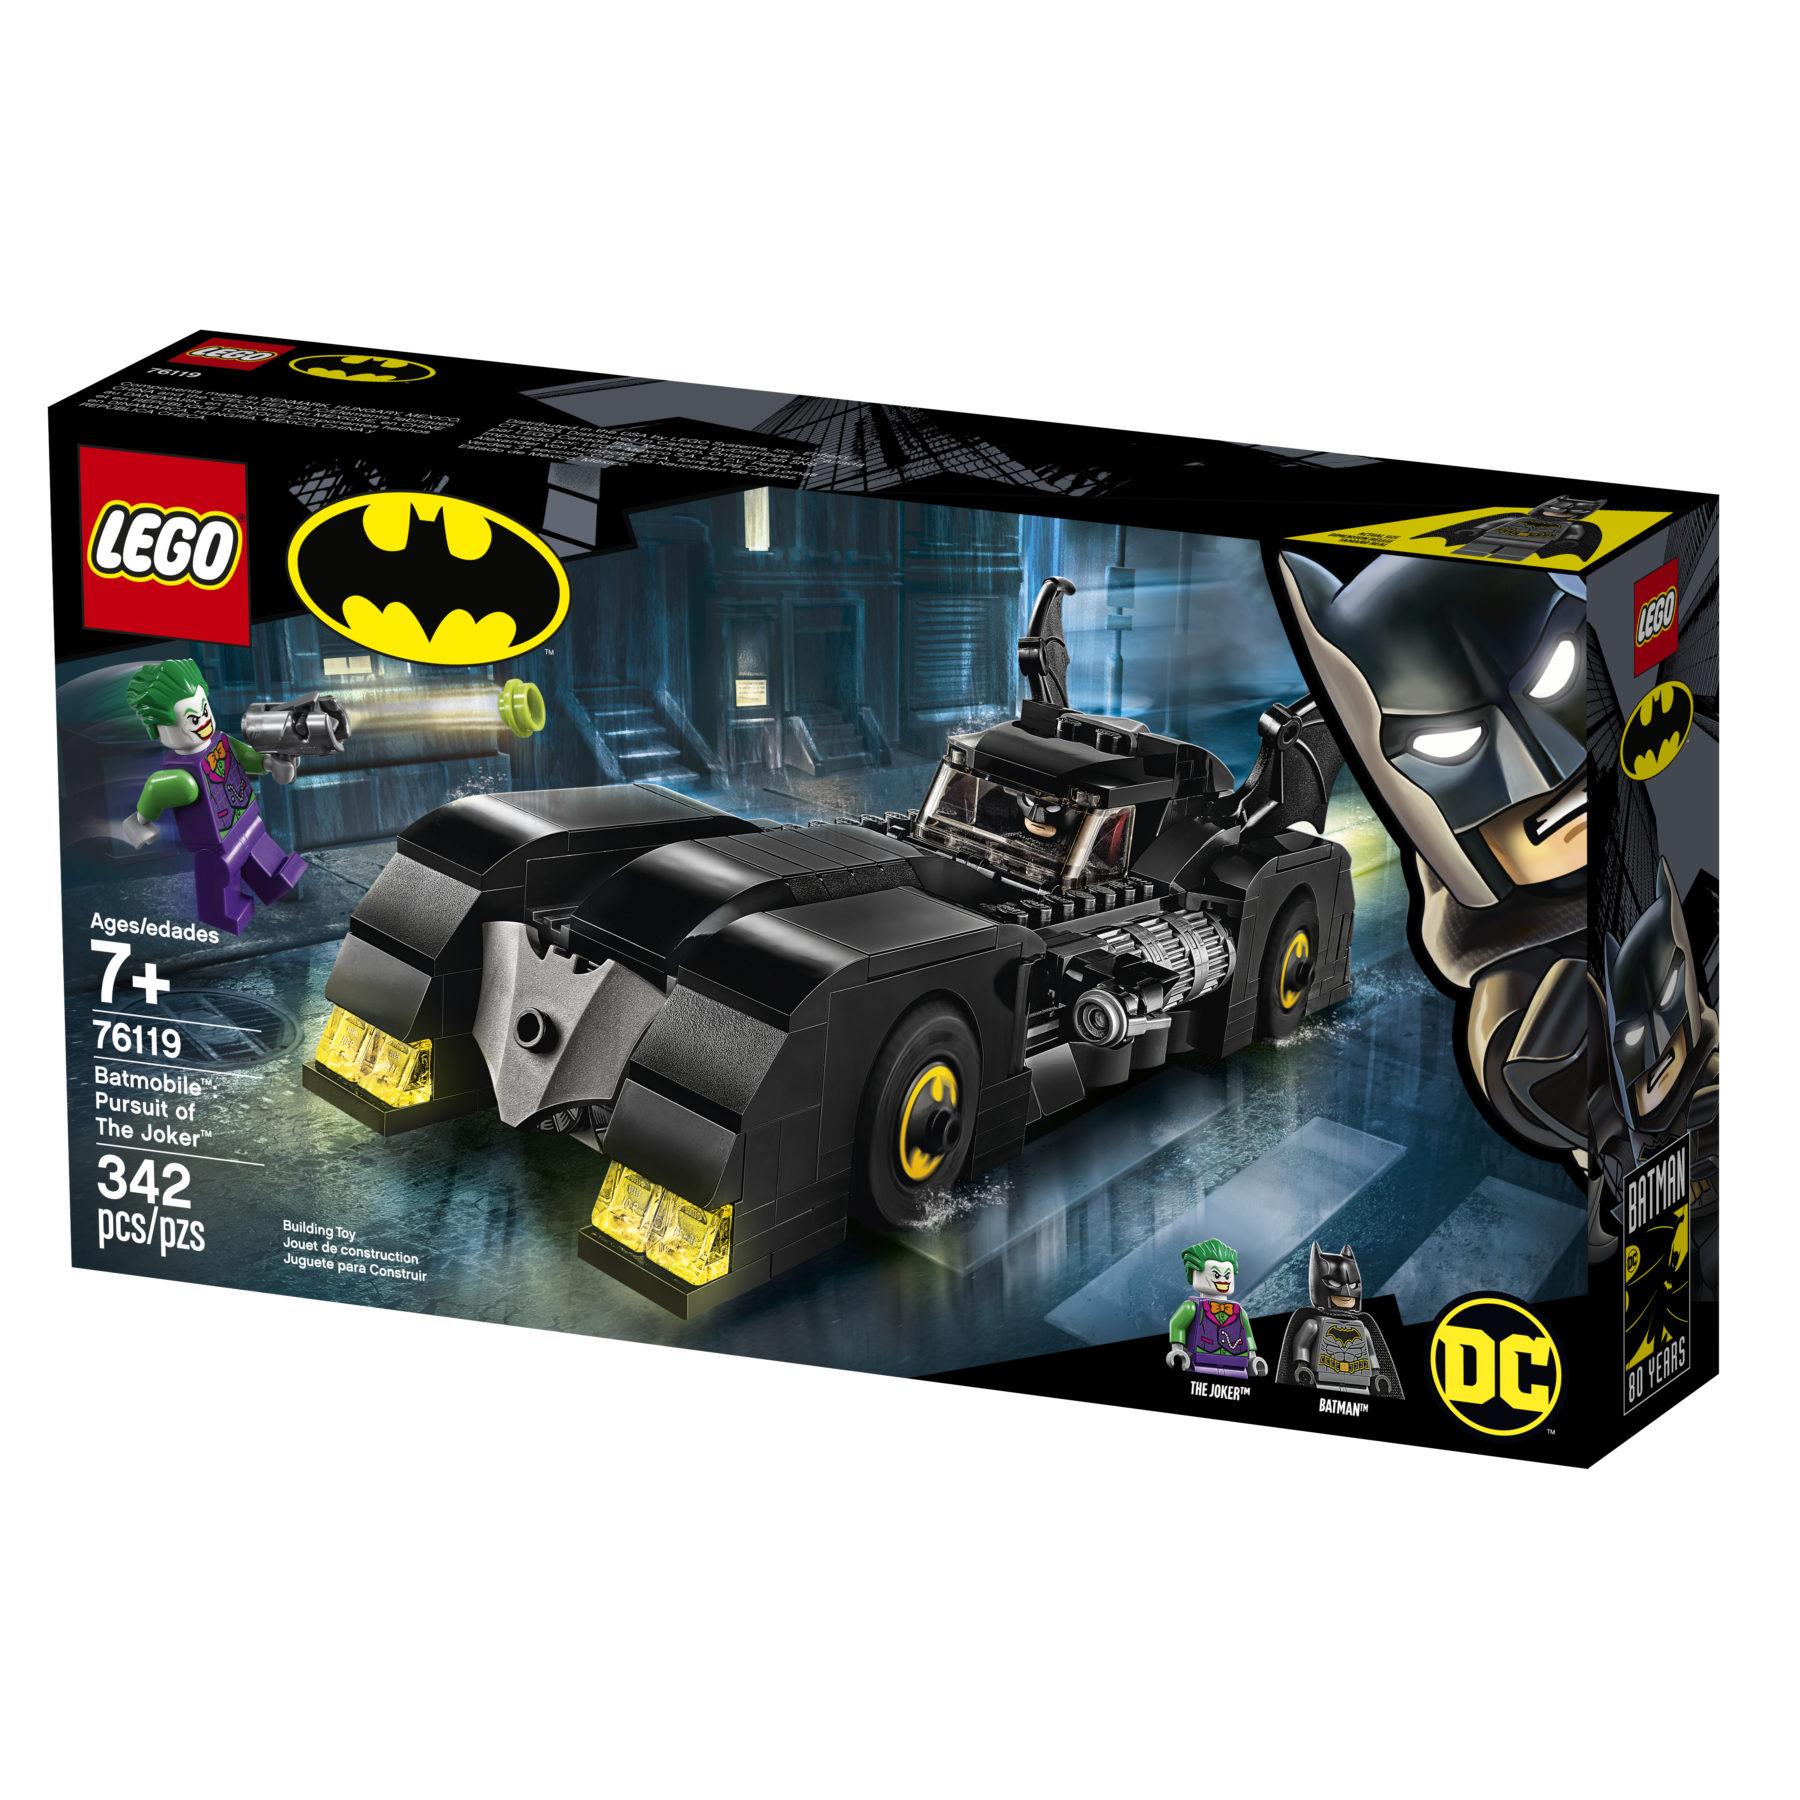 LEGO celebra el 80 aniversario de Batman con nuevos sets